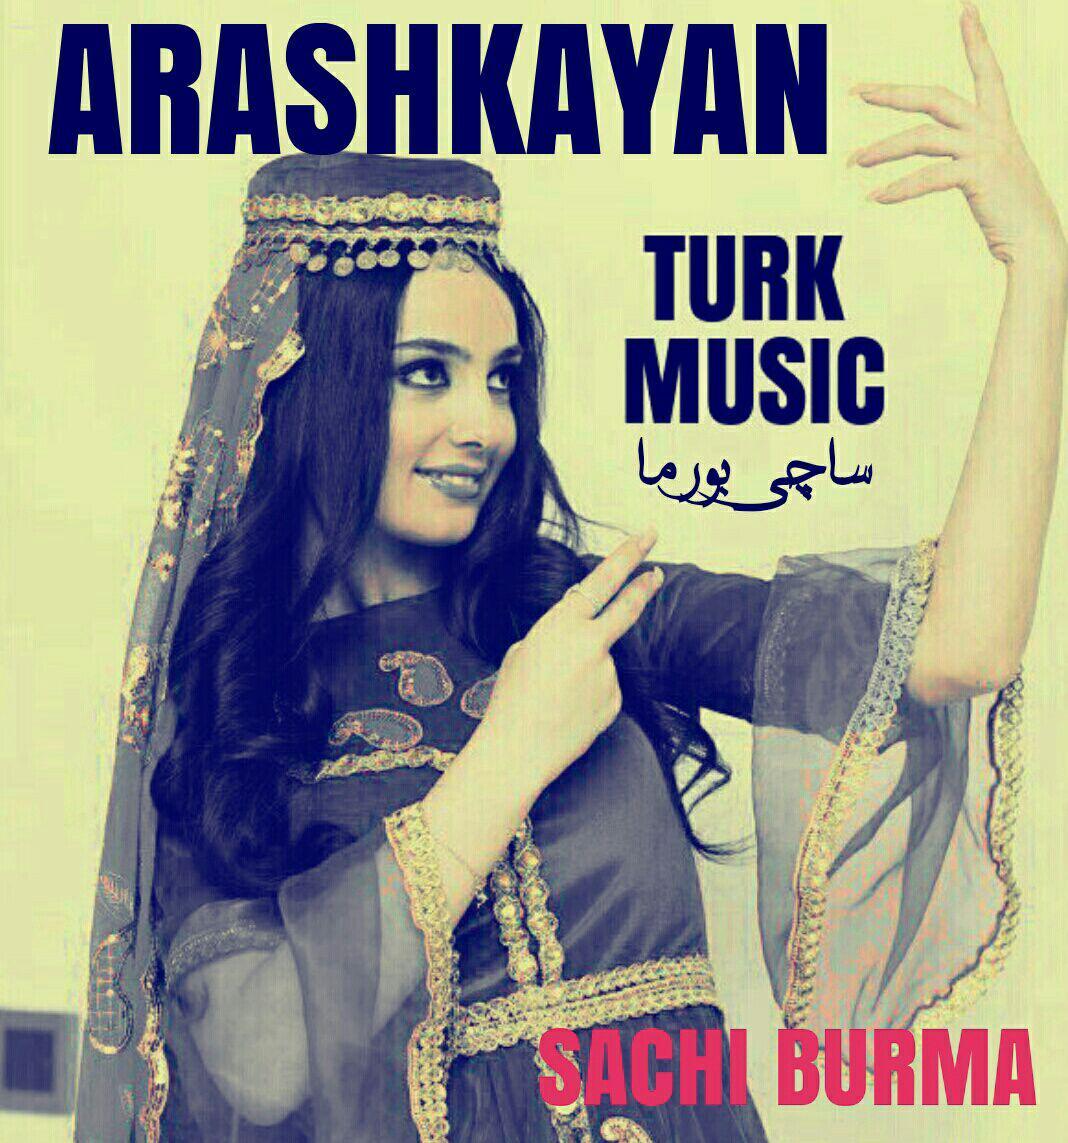 دانلود آهنگ جدید آرش کایان به نام ساچی بورما